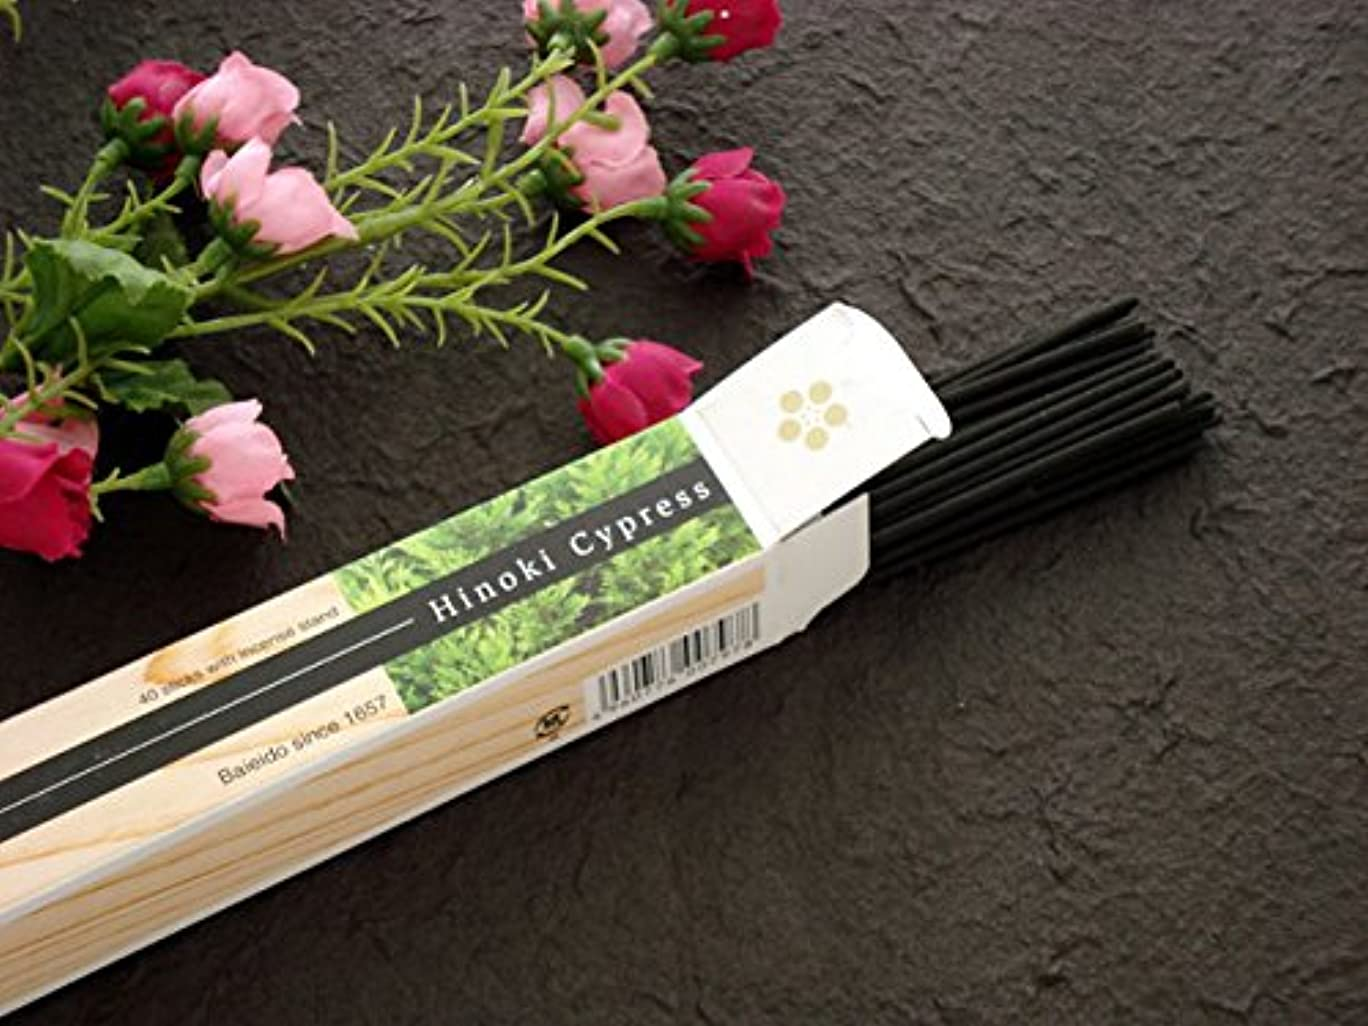 成功するハブロイヤリティ梅栄堂のお香 Hinoki Cypress (檜)